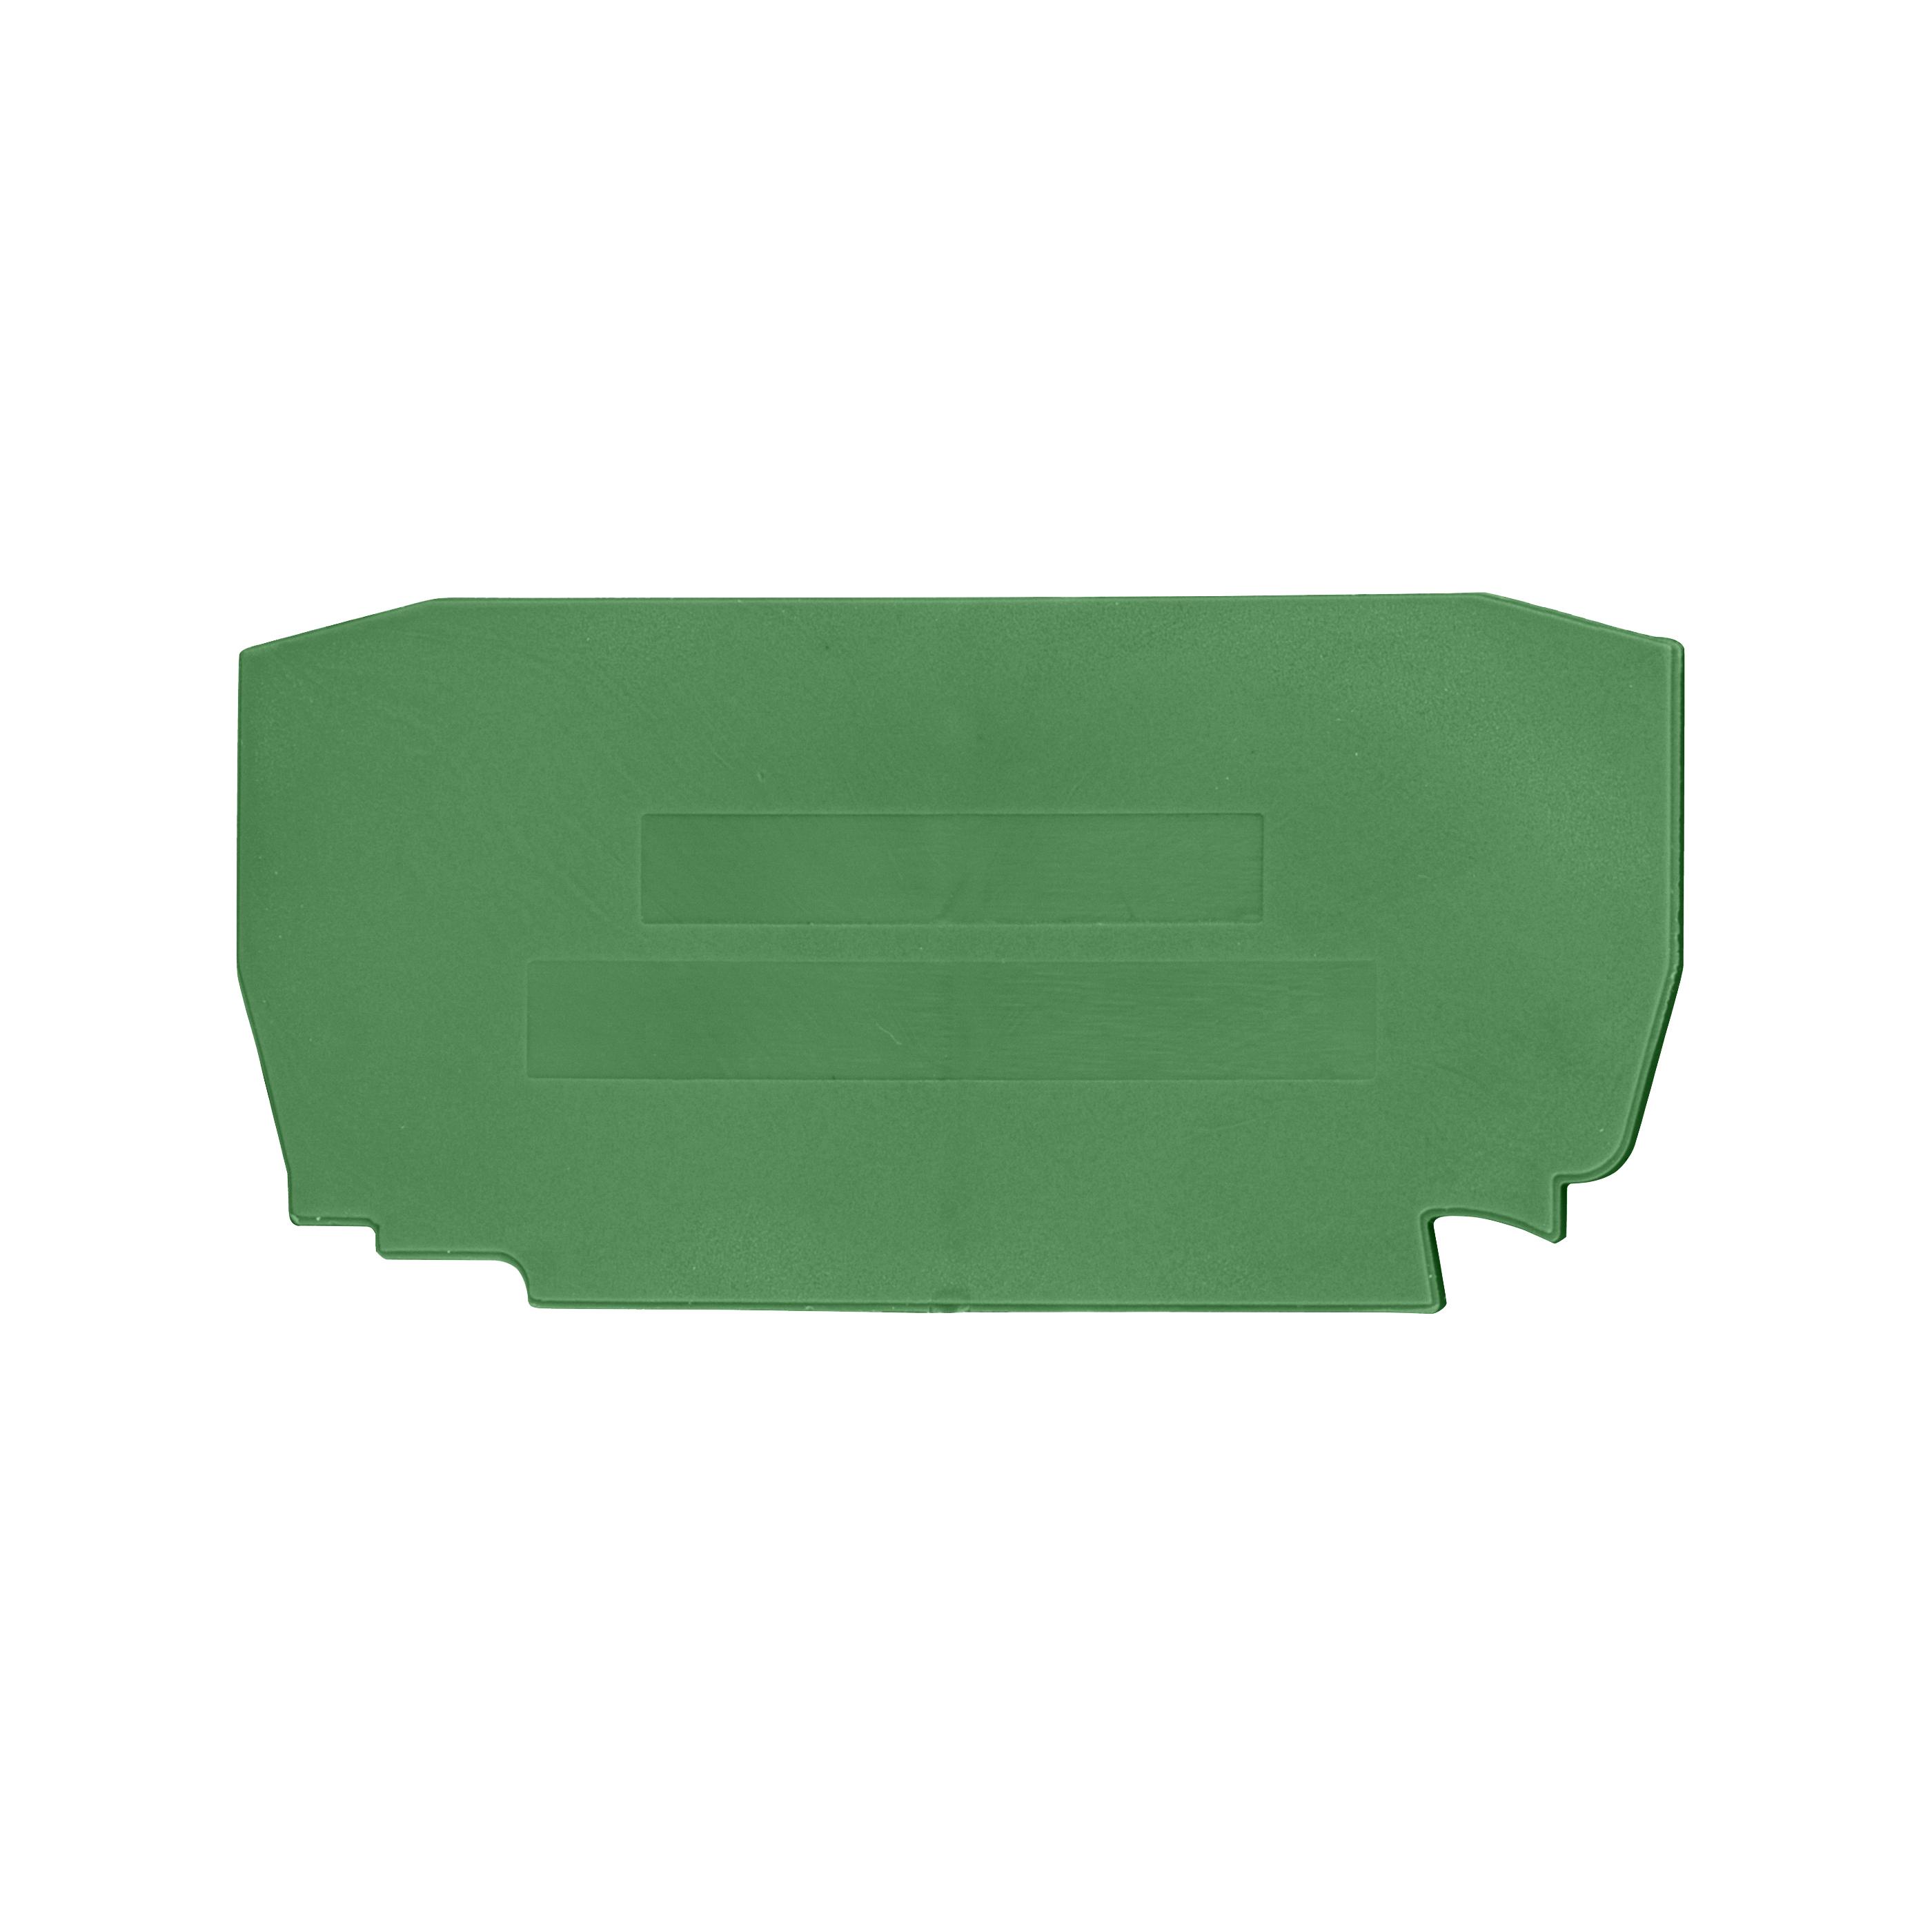 1 Stk Endplatte für Federkraftklemme Type YBK 2,5mm² grün IK632202--